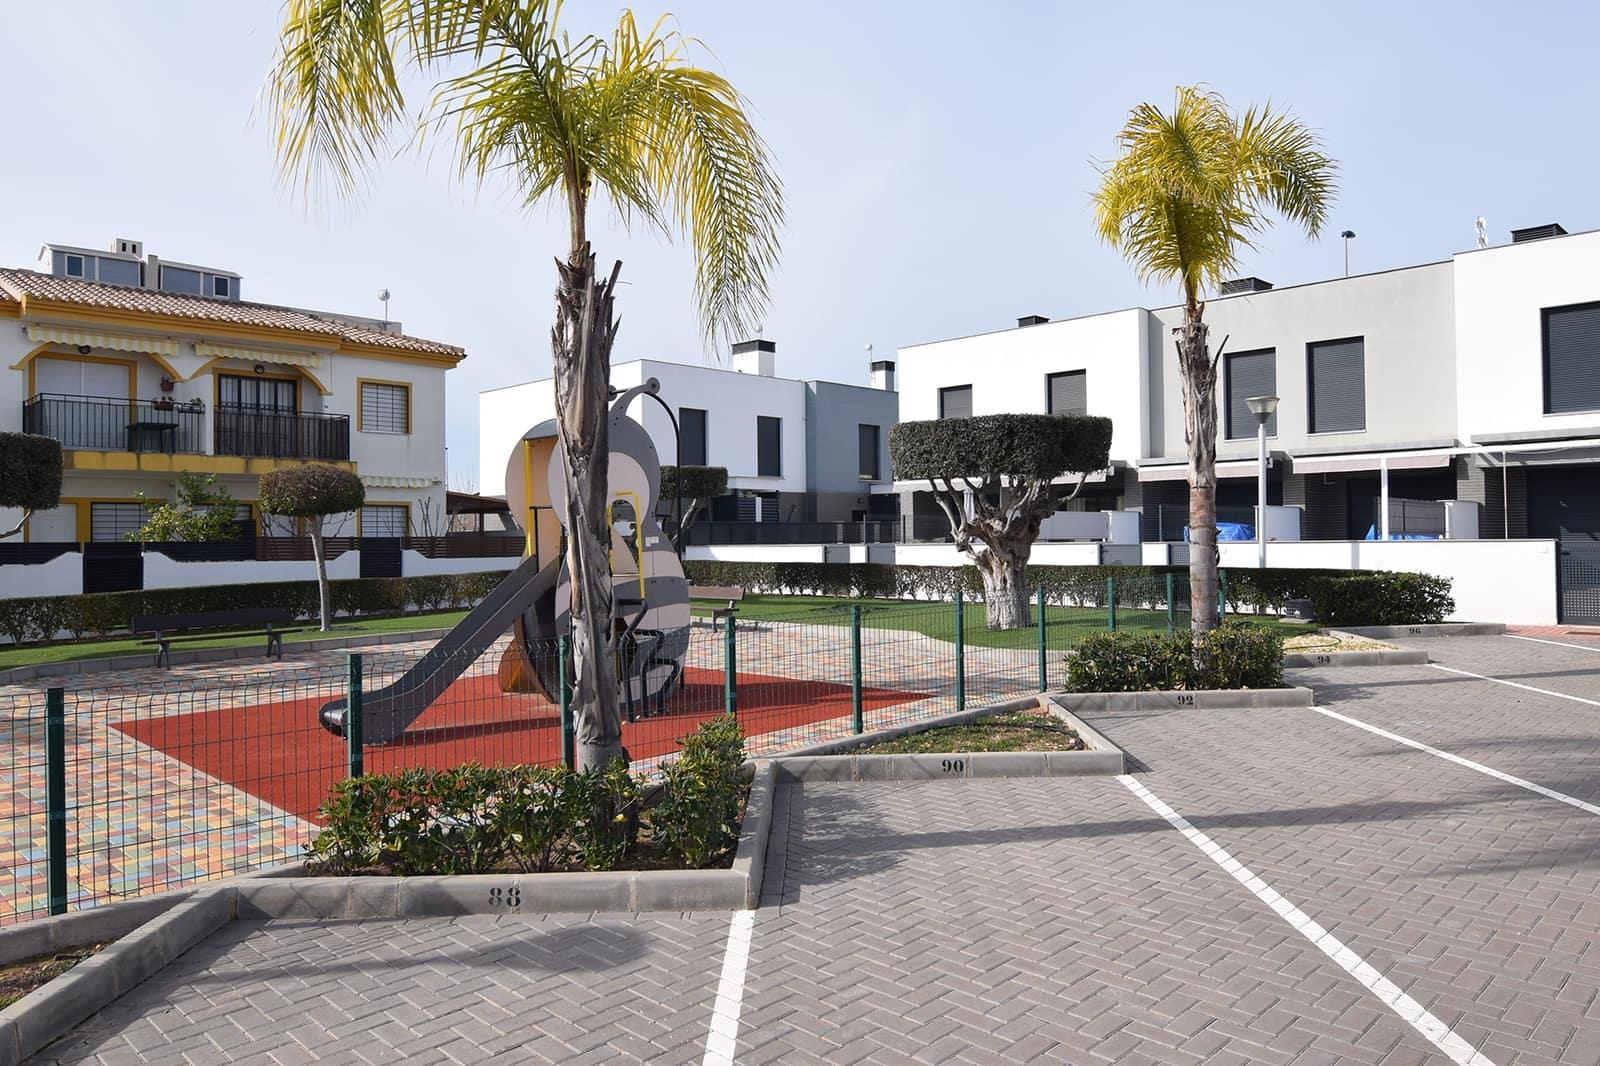 Casa de 2 habitaciones en Pilar de la Horadada en venta con piscina - 205.000 € (Ref: 5079160)